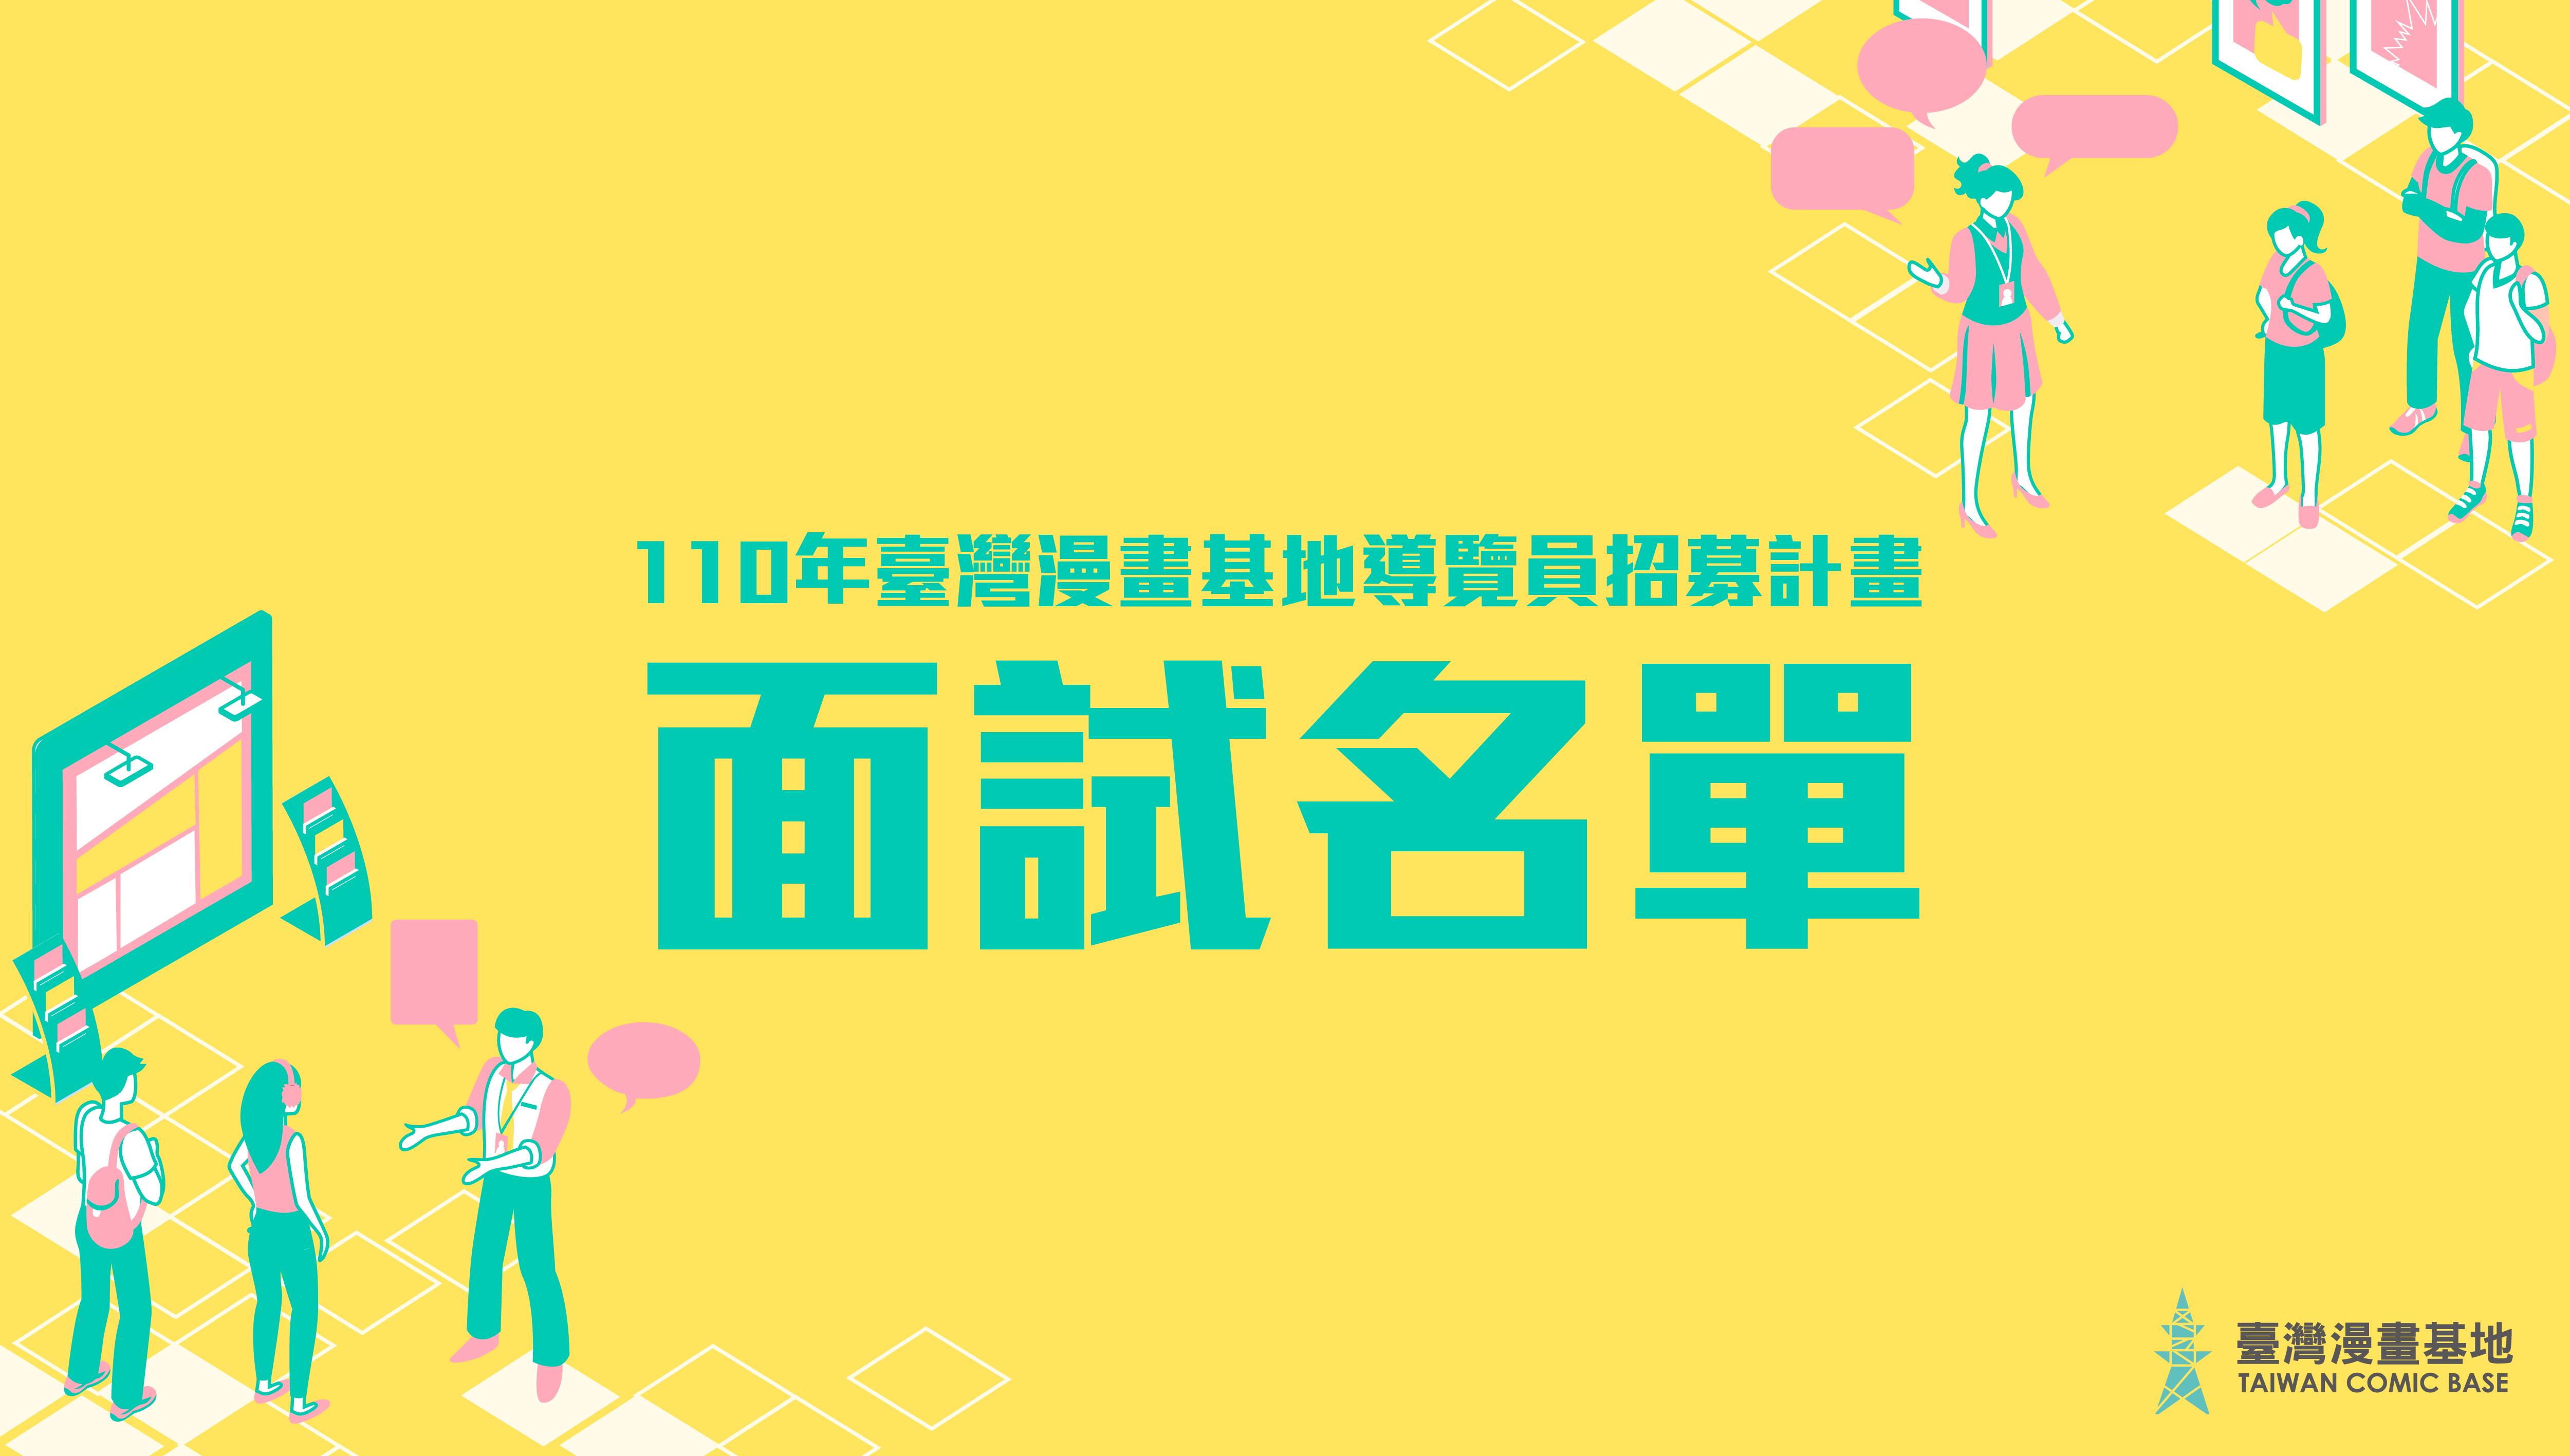 【言途漫行】110年度臺灣漫畫基地-導覽人員招募計畫:面試名單